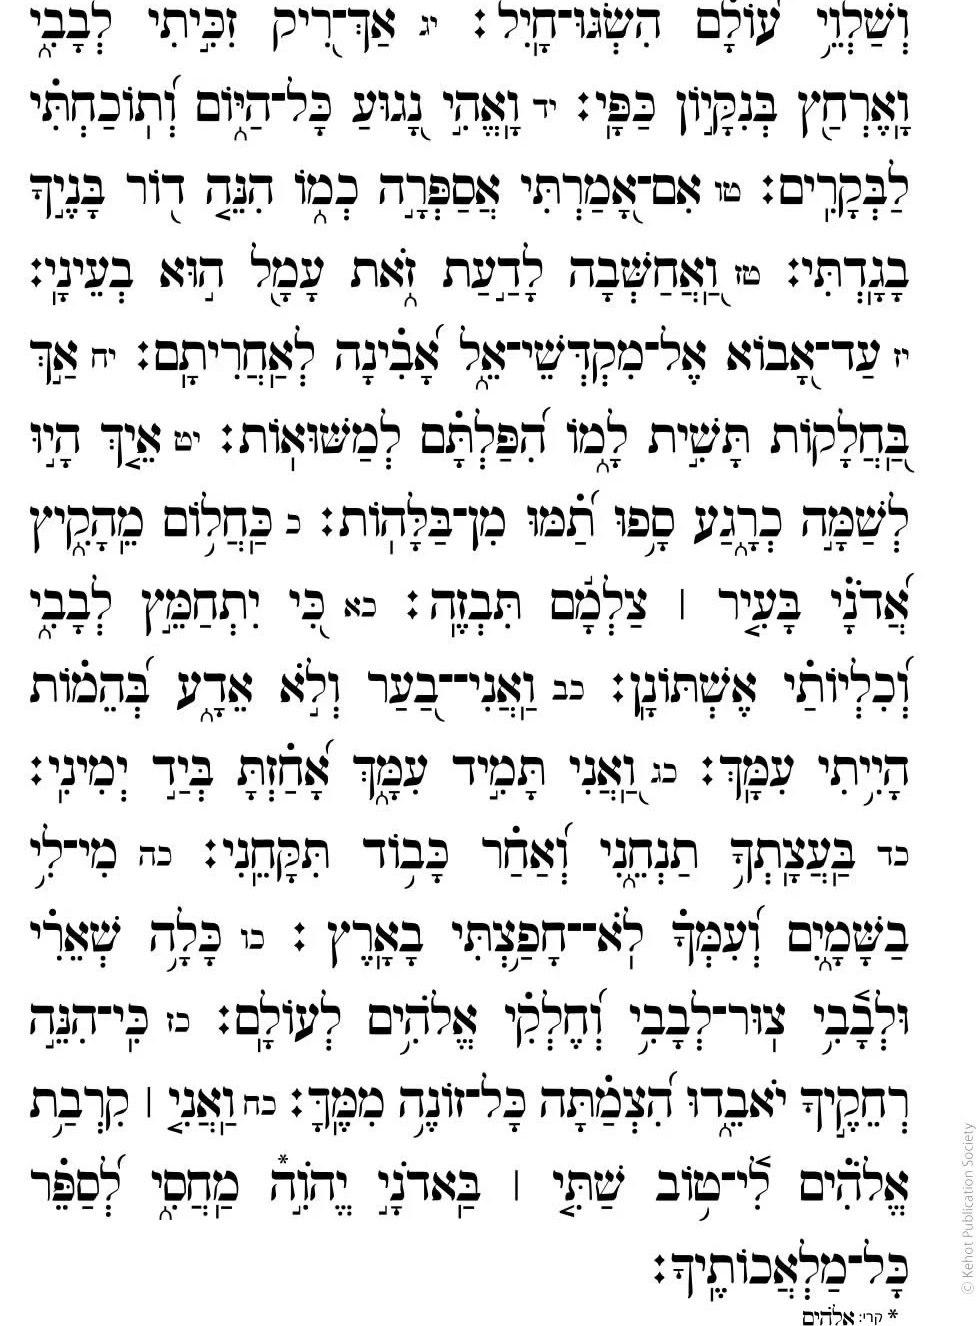 chapitre073b.gif